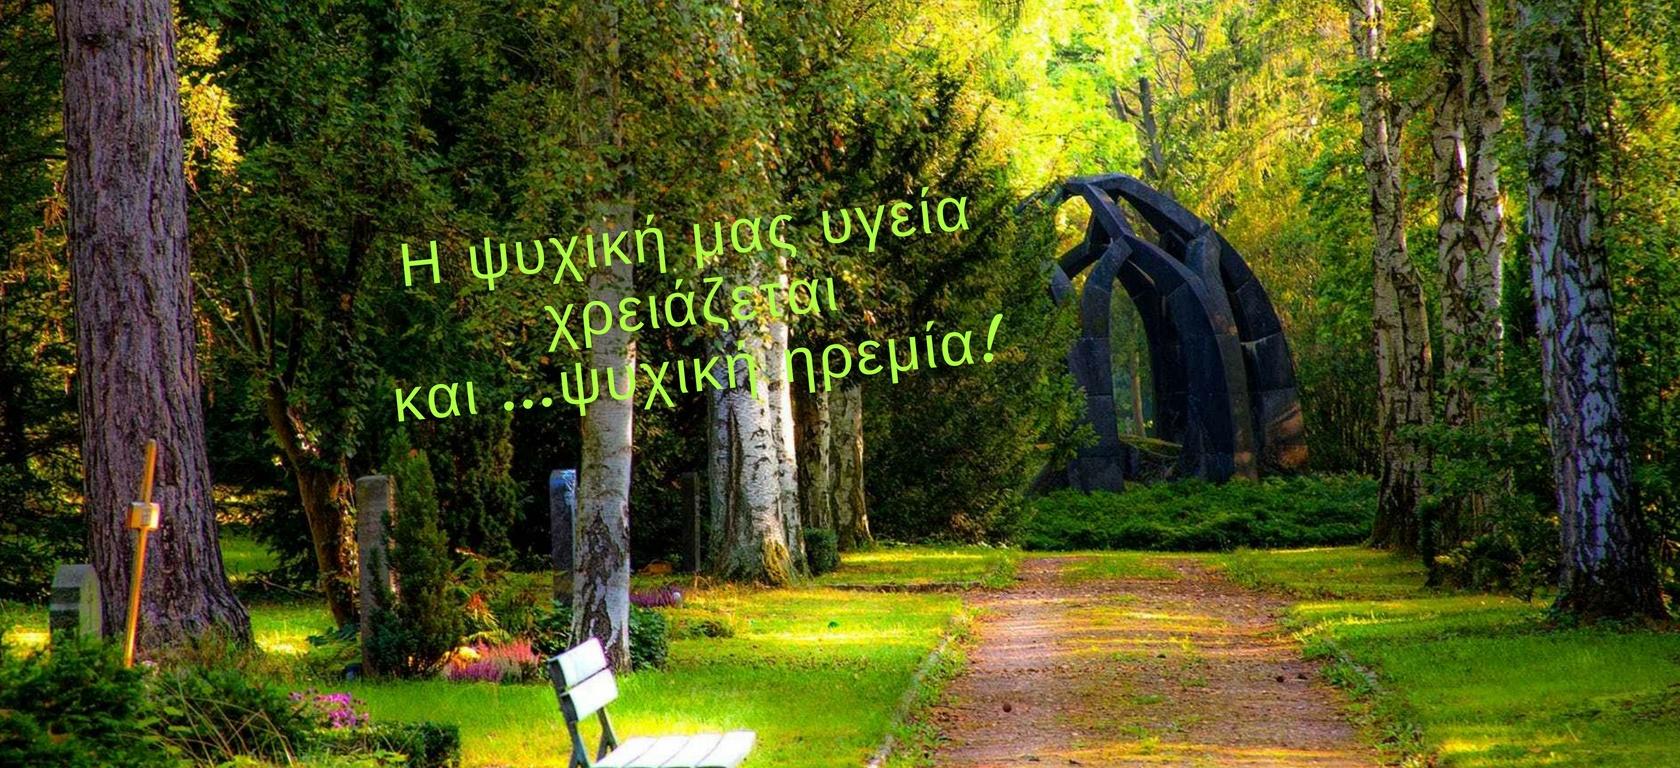 Ψυχική υγεία, ψυχολογία, ψυχοθεραπεία, Μαρίνα Μόσχα